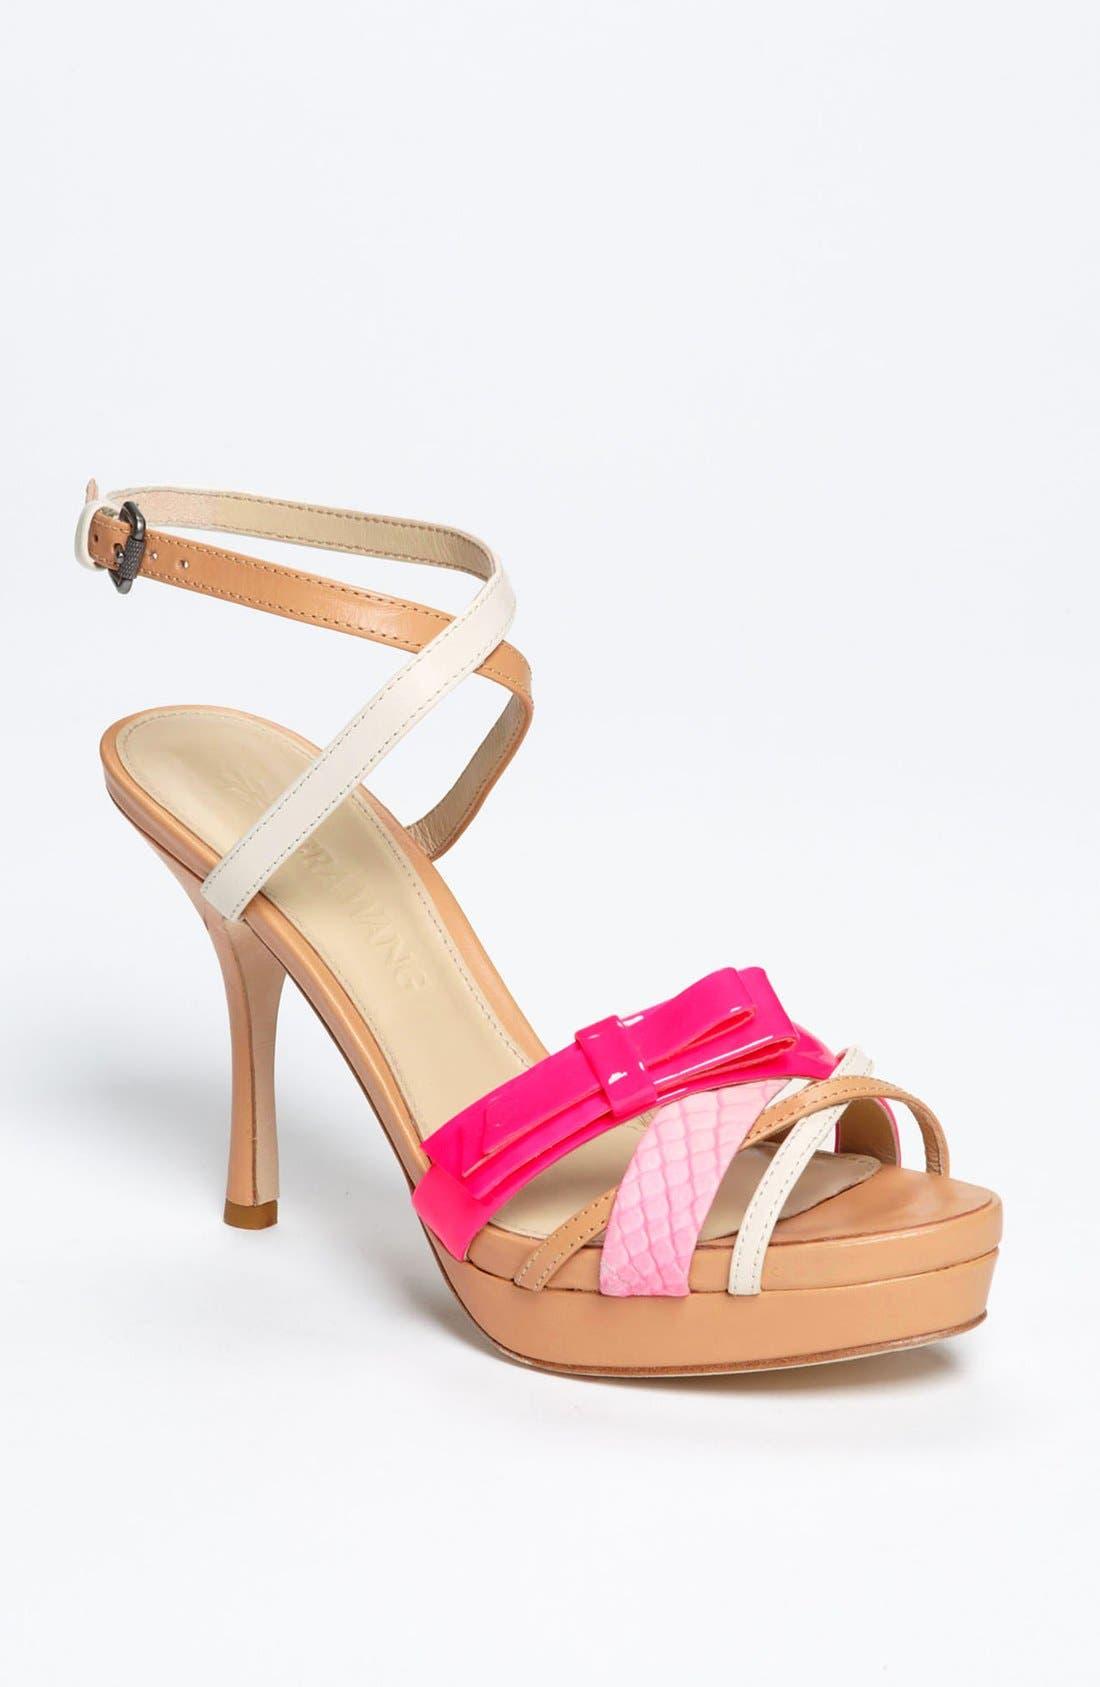 Main Image - Vera Wang Footwear 'Qatara' Sandal